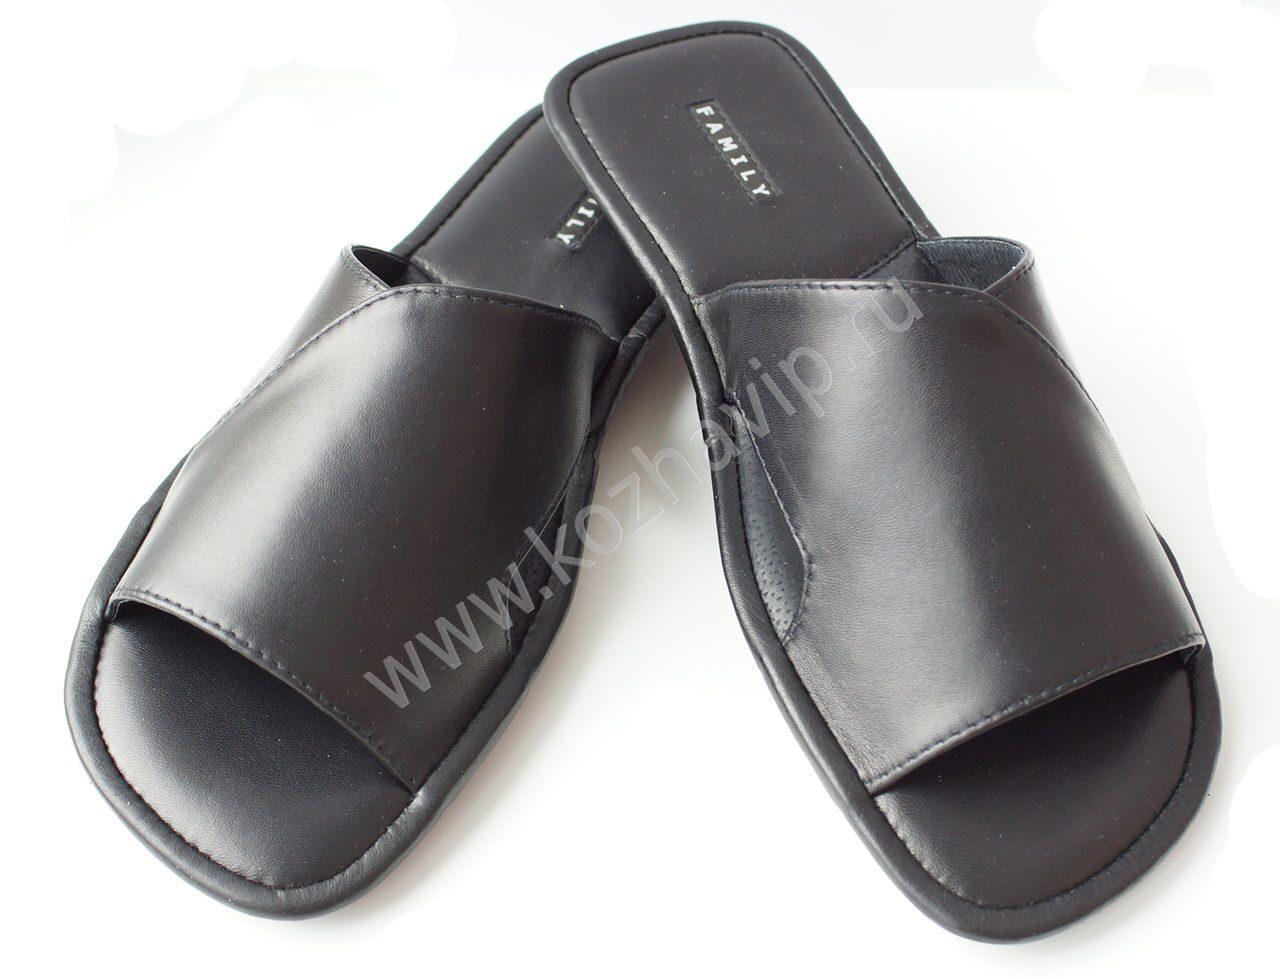 4580a31b5d0a1 домашние кожаные тапочки Family, мужские тапочки купить|тапочки фото ...